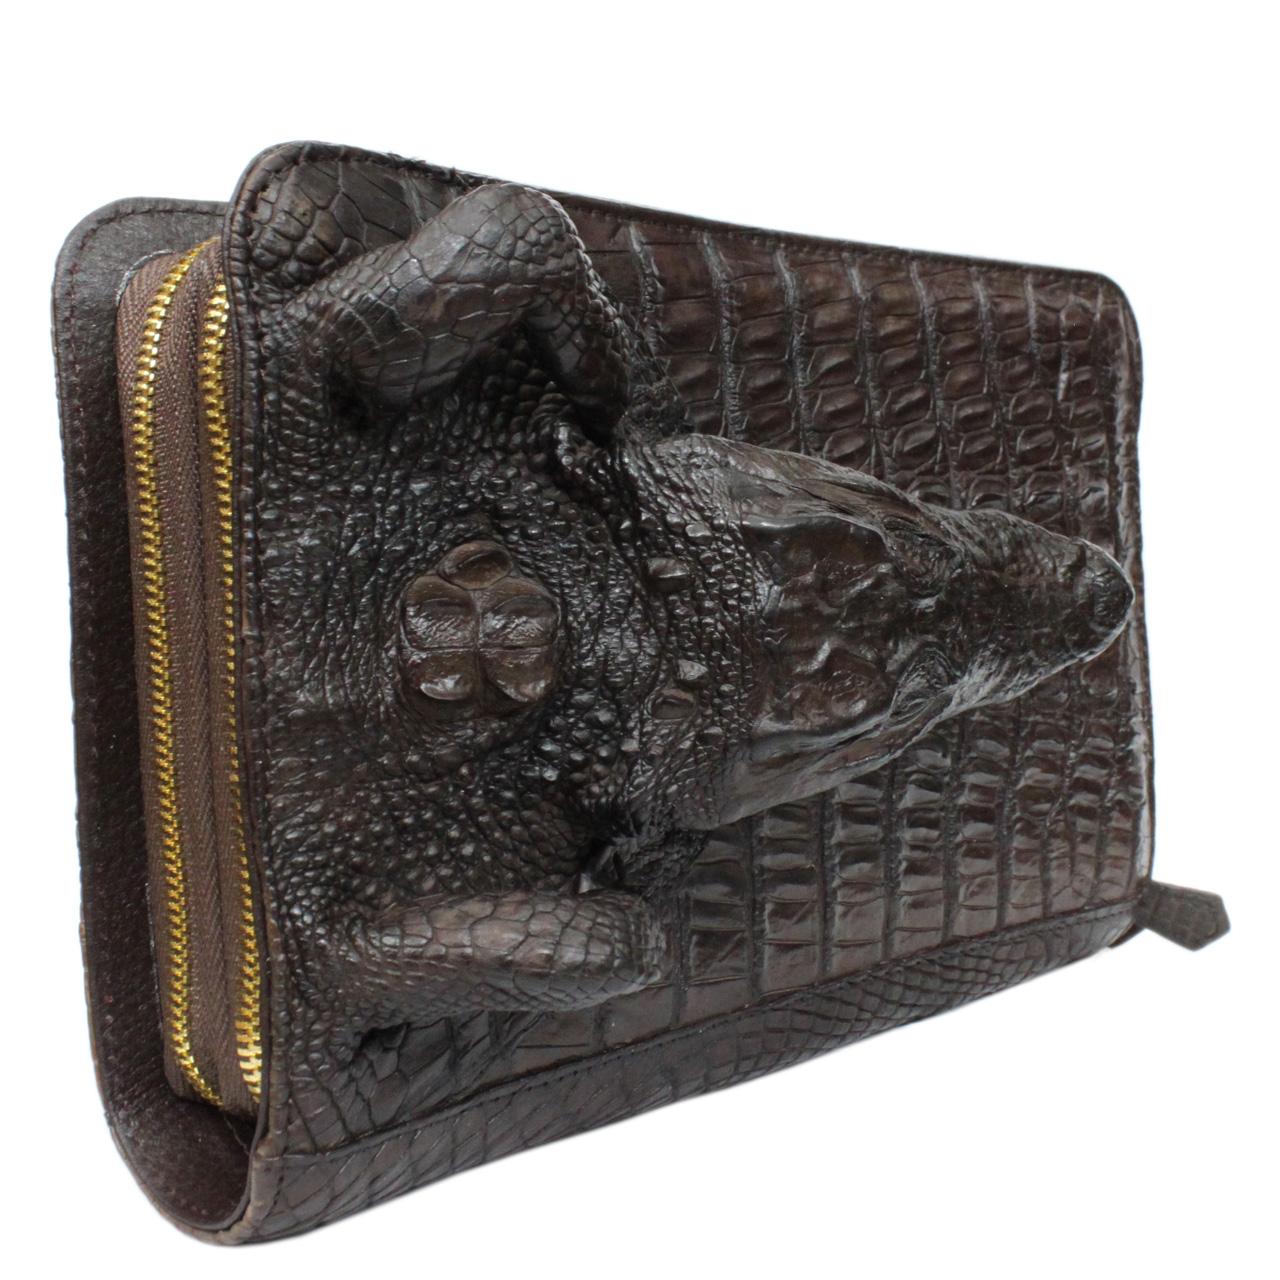 Ví dài cầm tay da cá sấu S482a